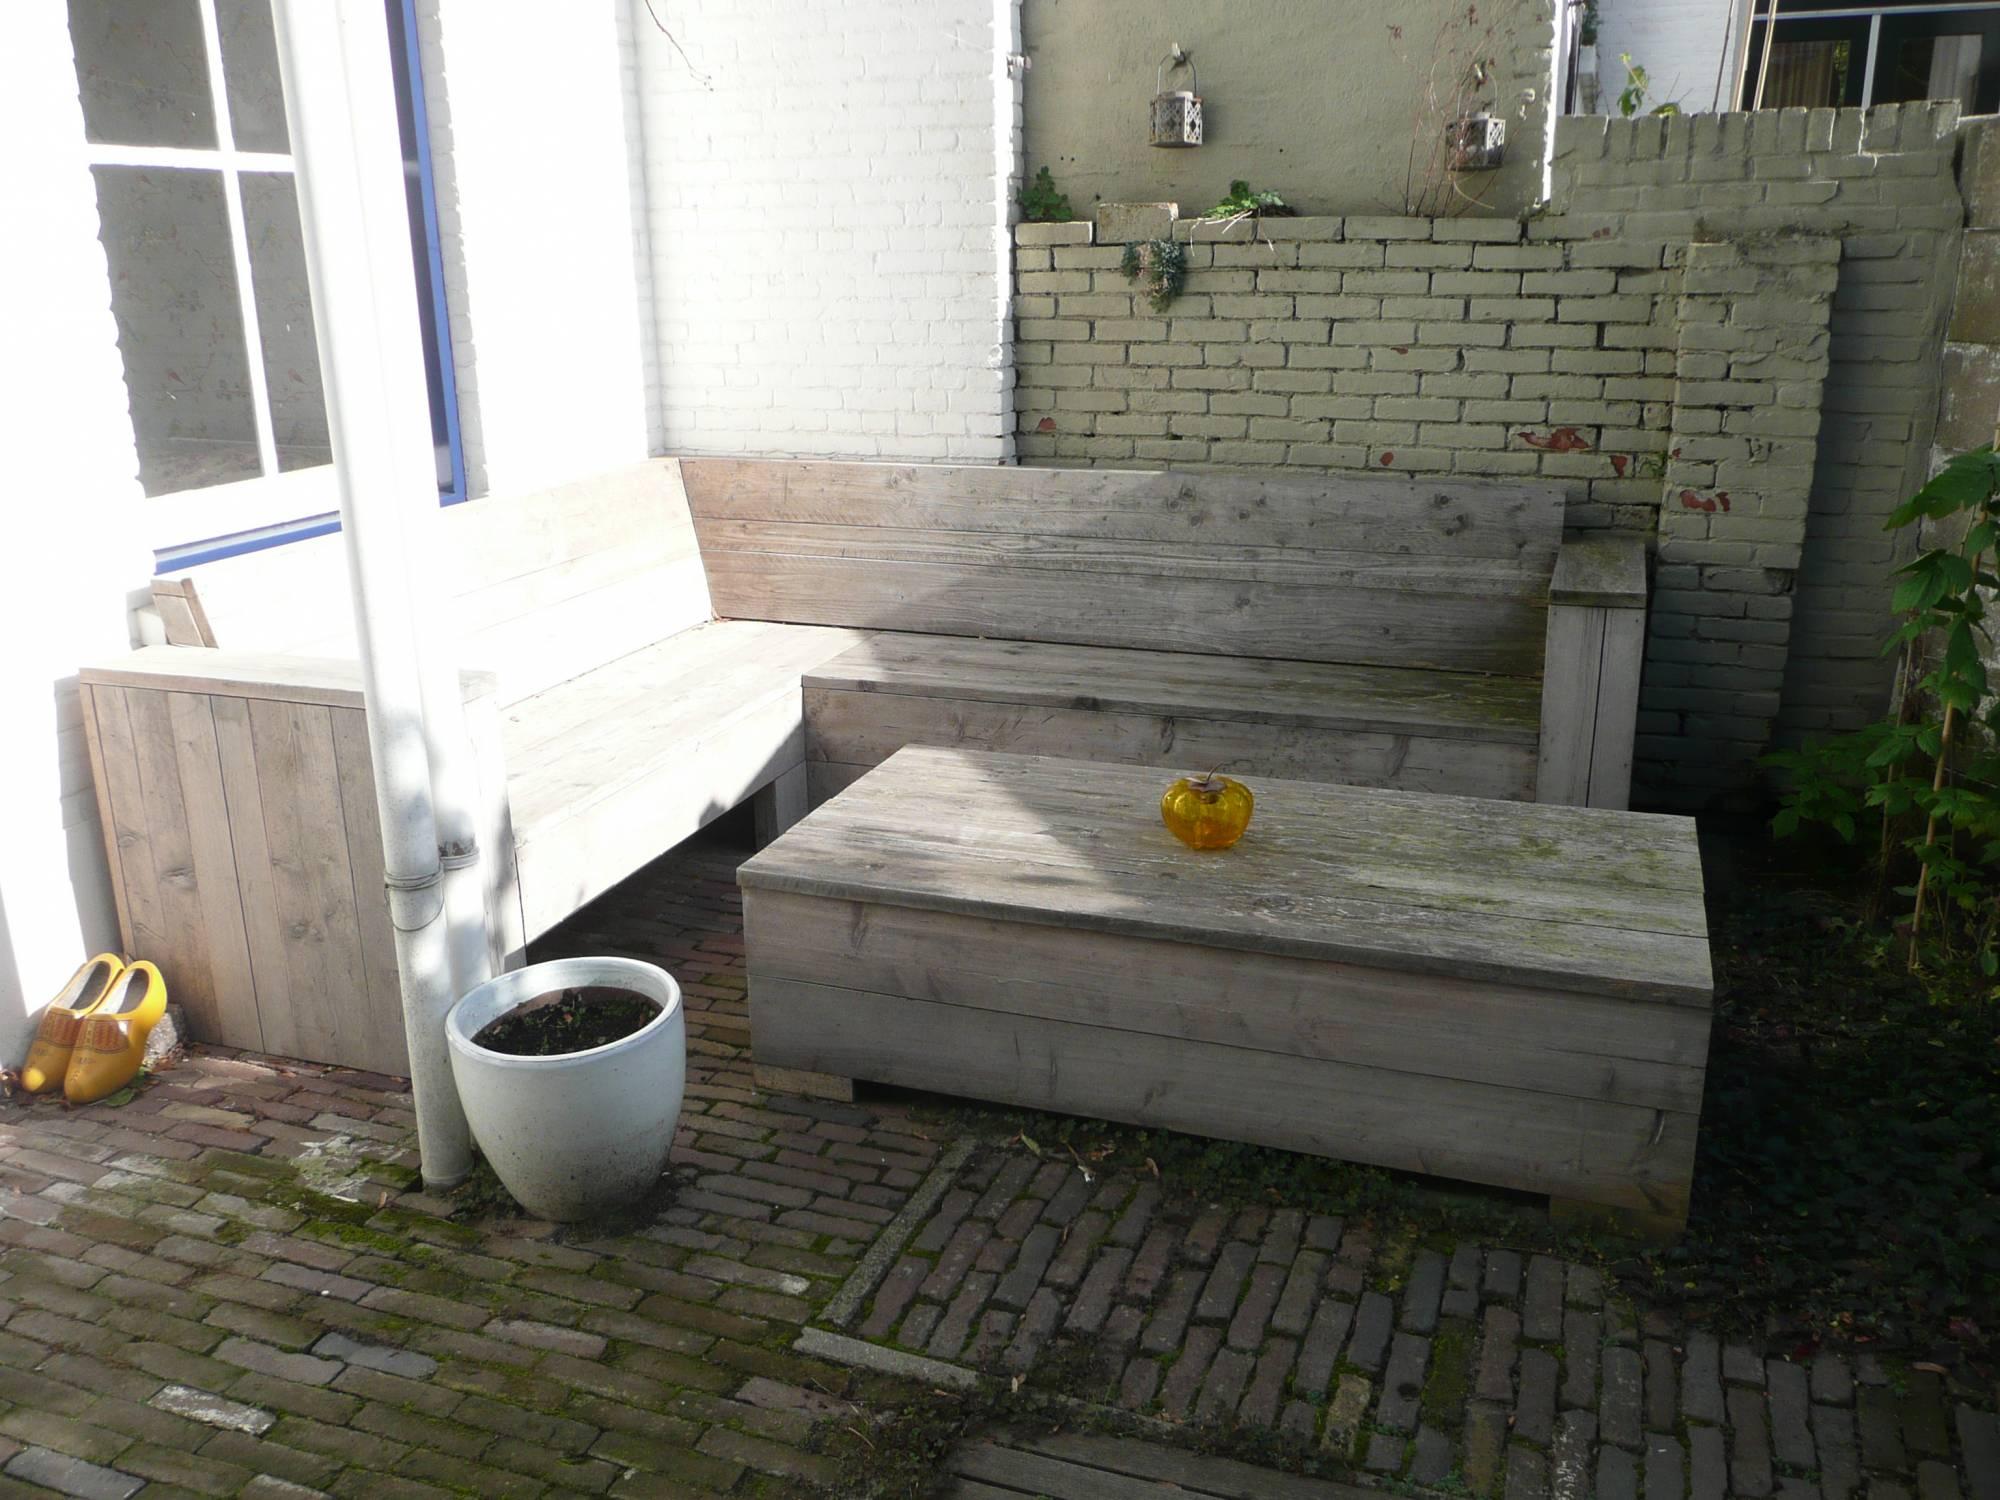 De Ruyterstraat, Nijmegen